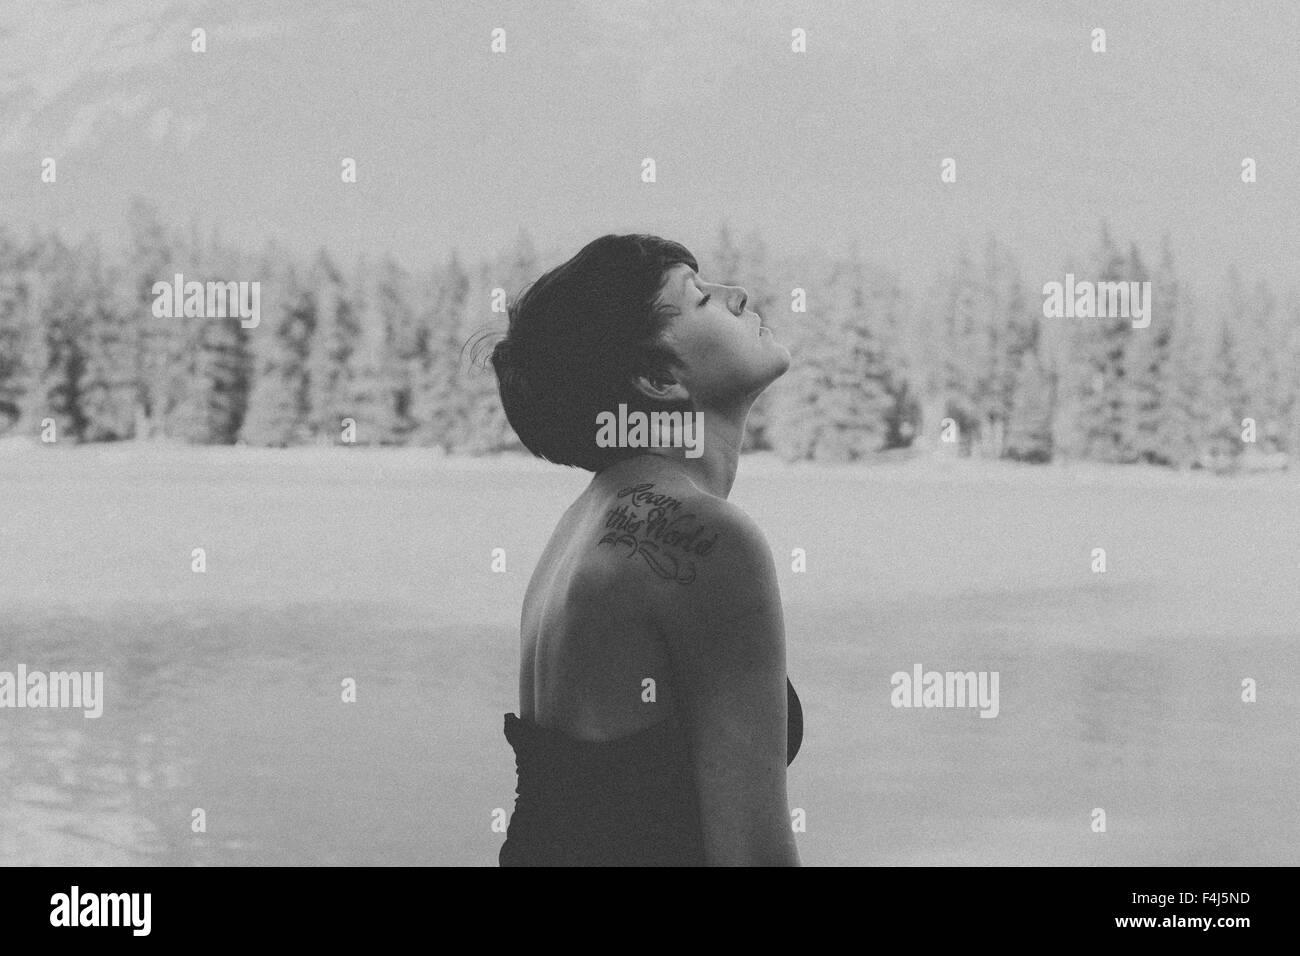 Junge schöne Frau in schwarz und weiß in Jasper, Kanada reisen Stockbild